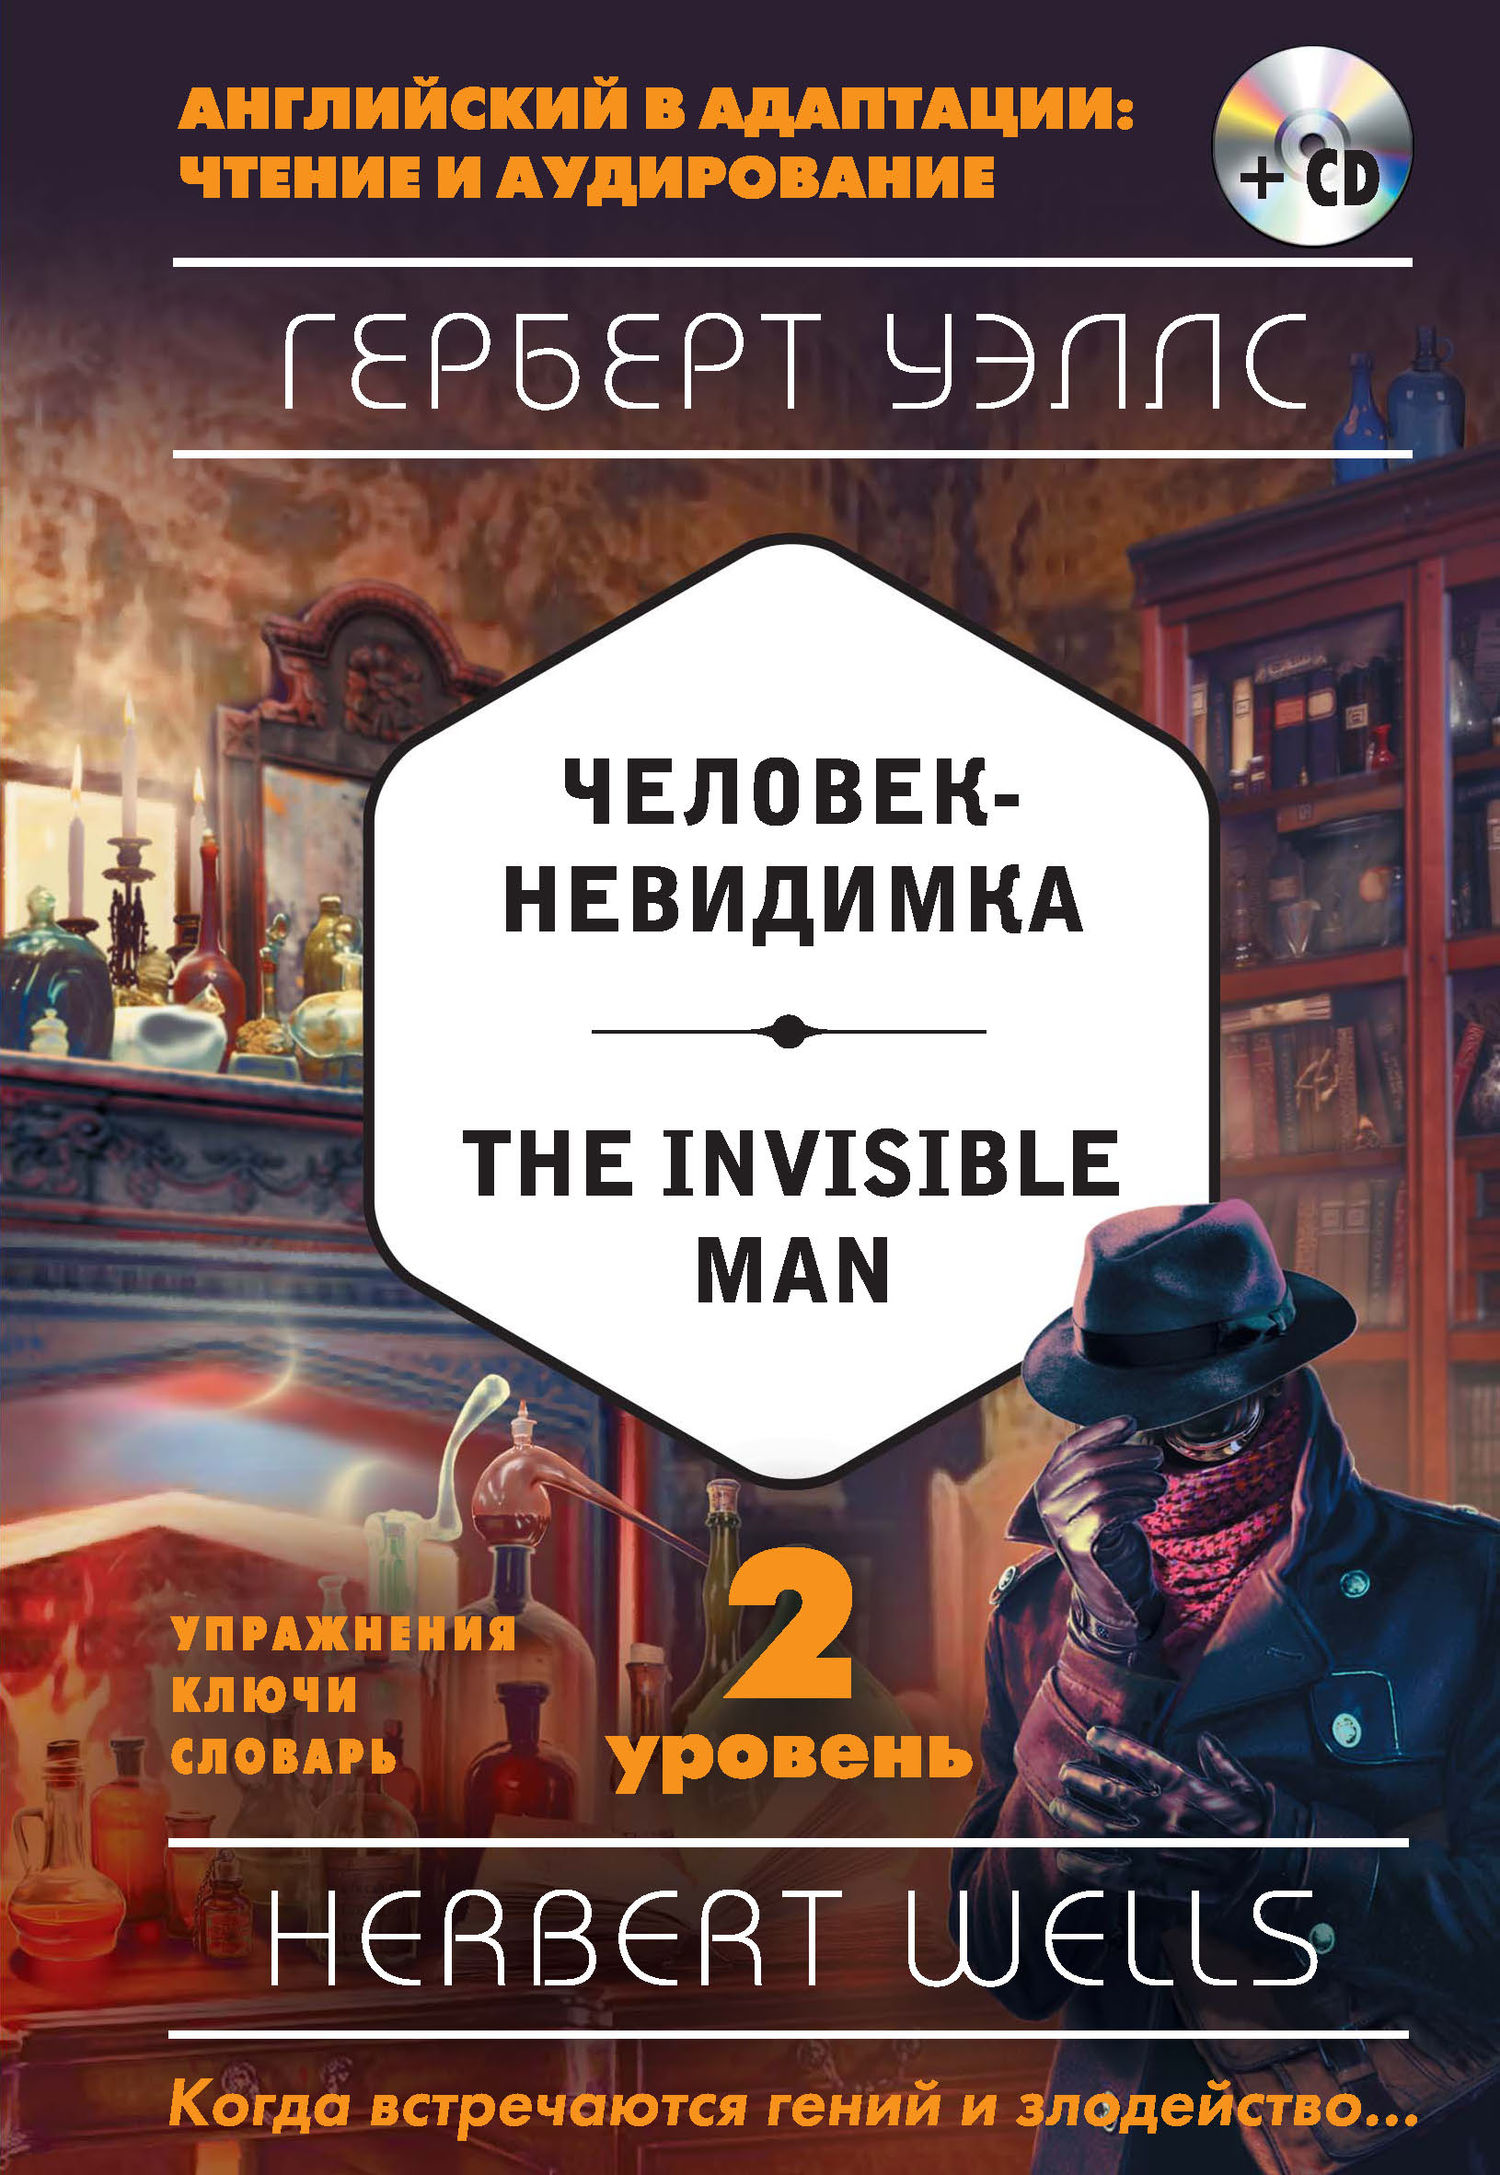 Герберт Уэллс Человек-невидимка / The Invisible Man. 2 уровень (+MP3) wells herbert george the invisible man the time machine человек невидимка машина времени книга для чтения на английском языке